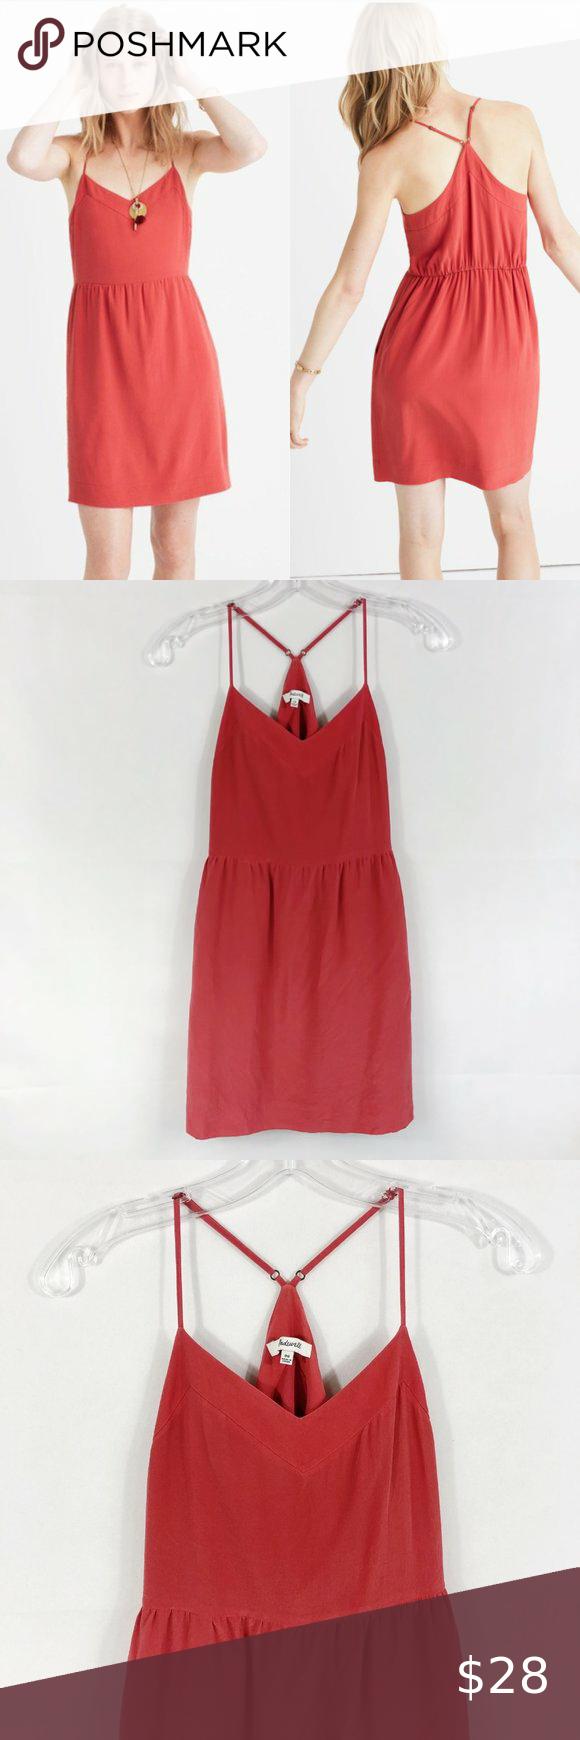 Madewell Silk Sunlight Racerback Summer Dress Summer Dresses Madewell Denim Dress Striped Tee Shirt Dress [ 1740 x 580 Pixel ]